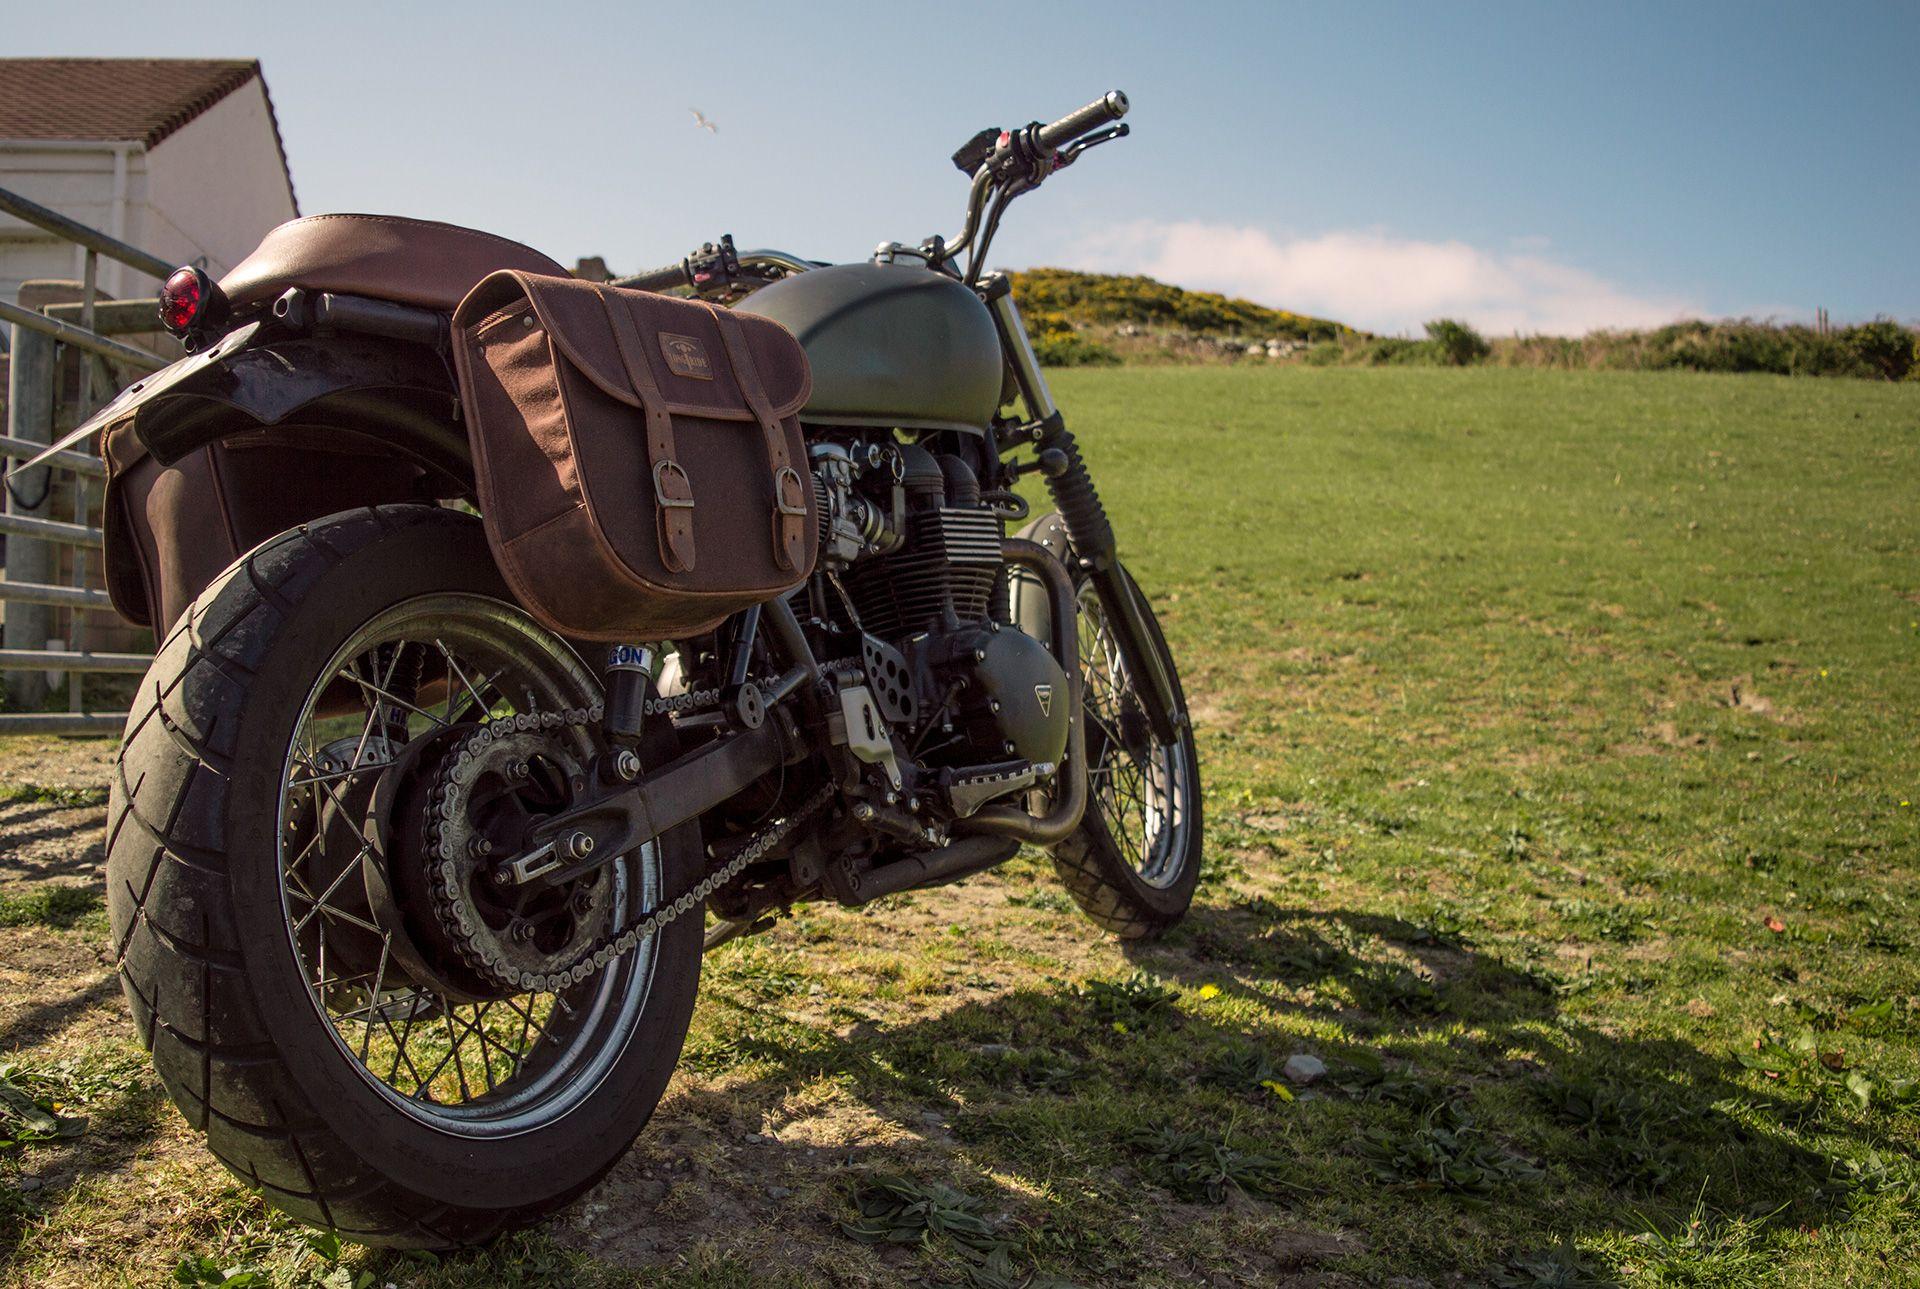 Brown Pannier Saddlebag Retro Motorcycle Ducati Scrambler